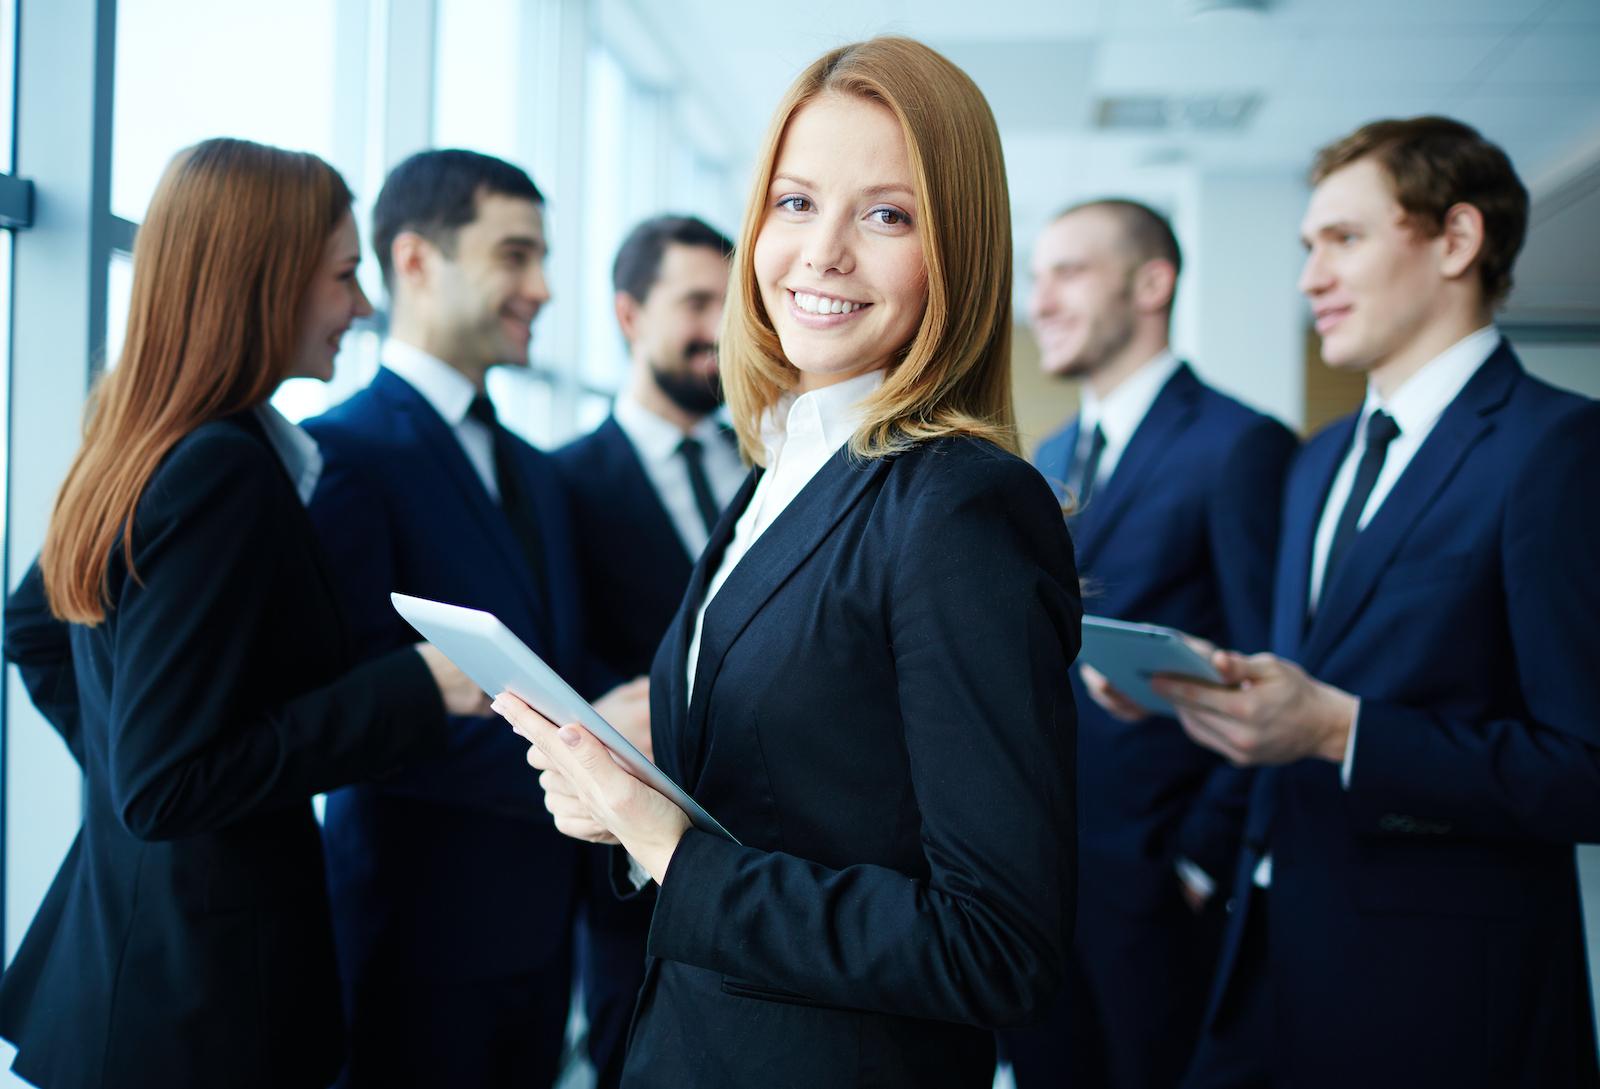 Personlig lederskab - evnen til at lede. Læs 10 gode råd om ledelse.